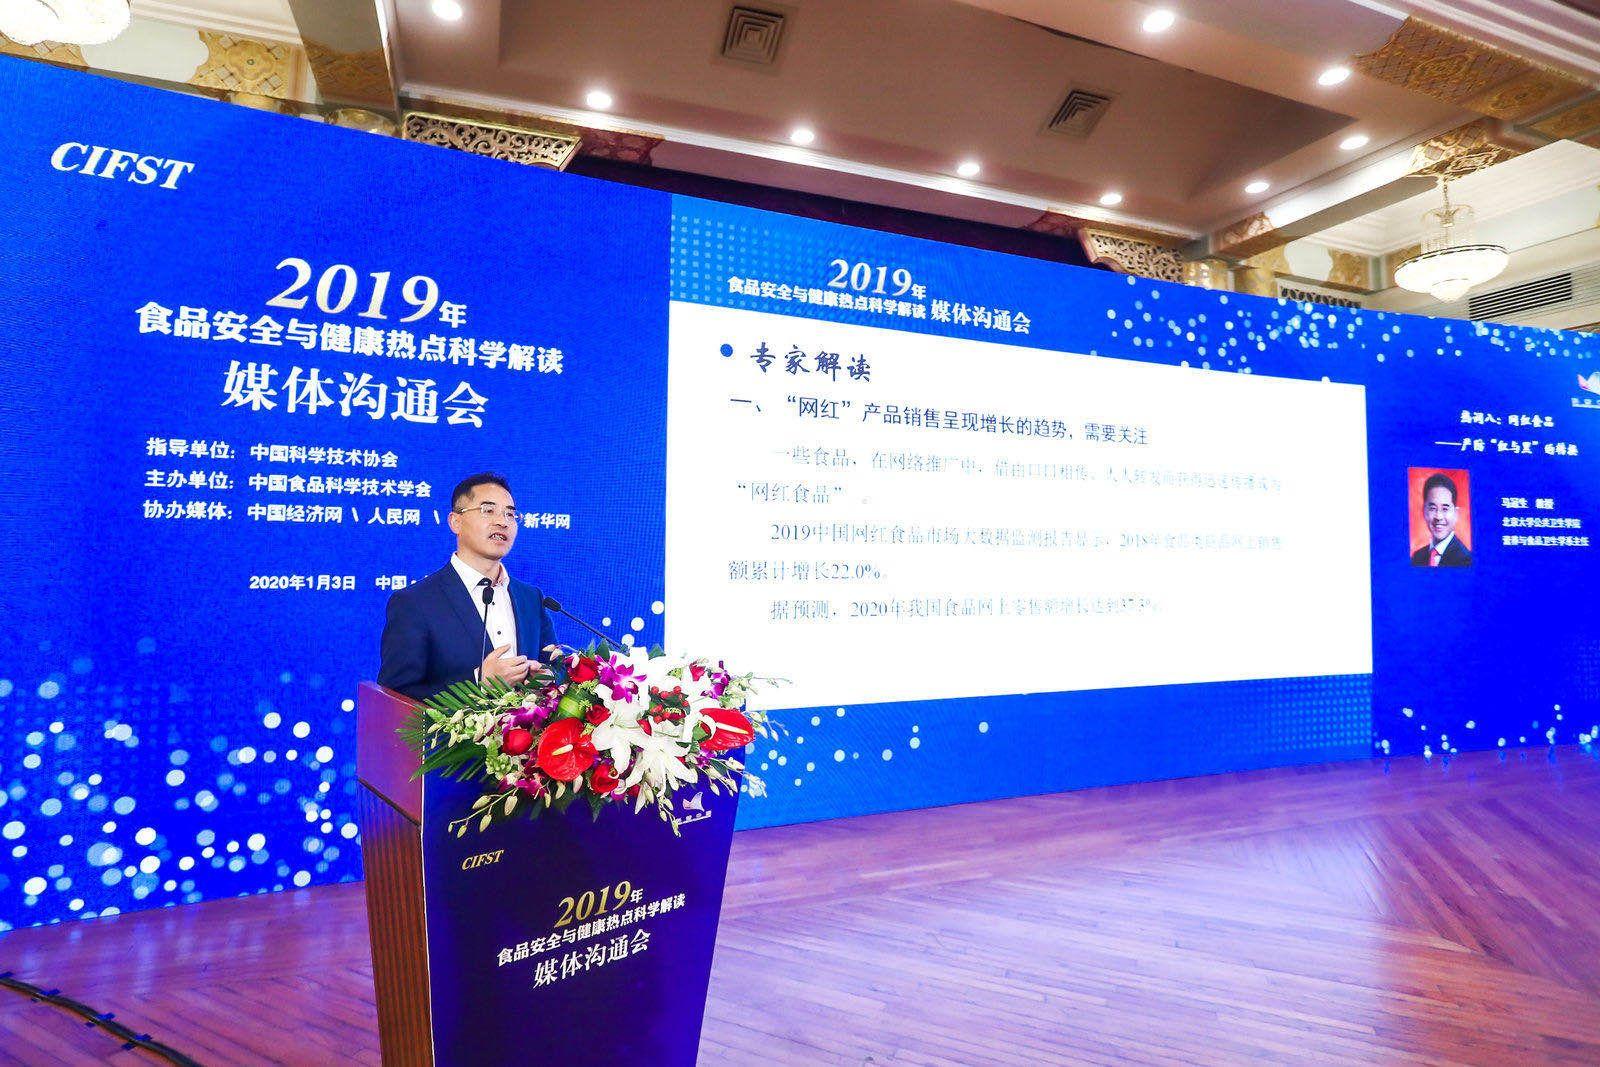 北京大学马冠生:网络平台应承担起网红食品筛选监理责任